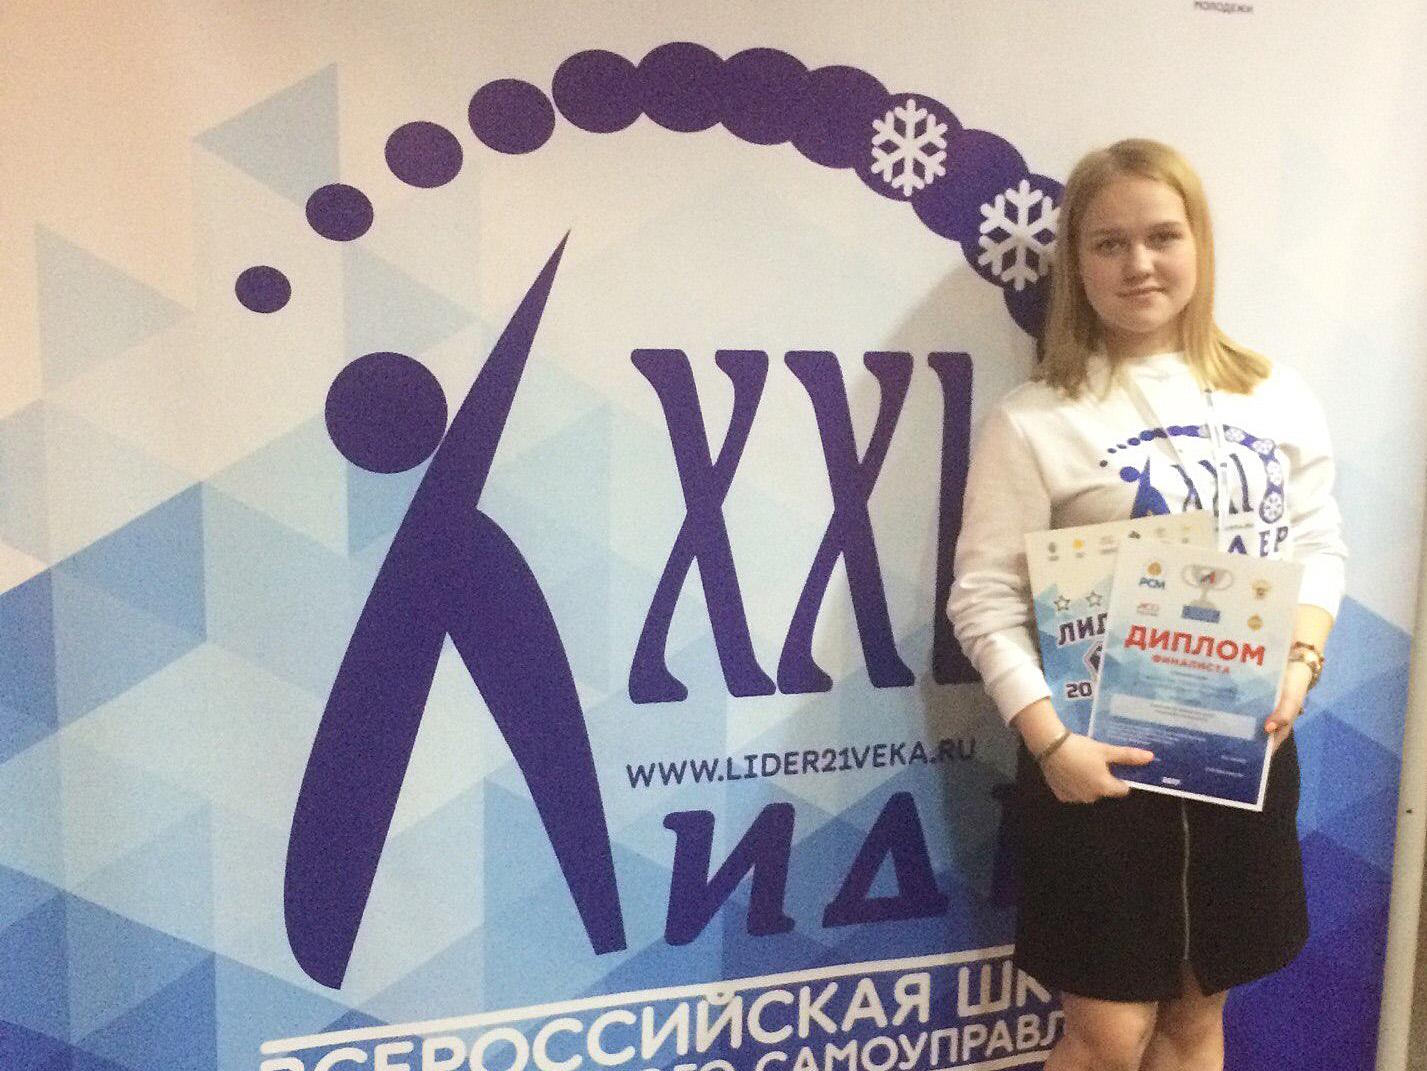 Студенческий творческий центр Мининского вошёл в пятёрку лучших творческих студенческих объединений страны